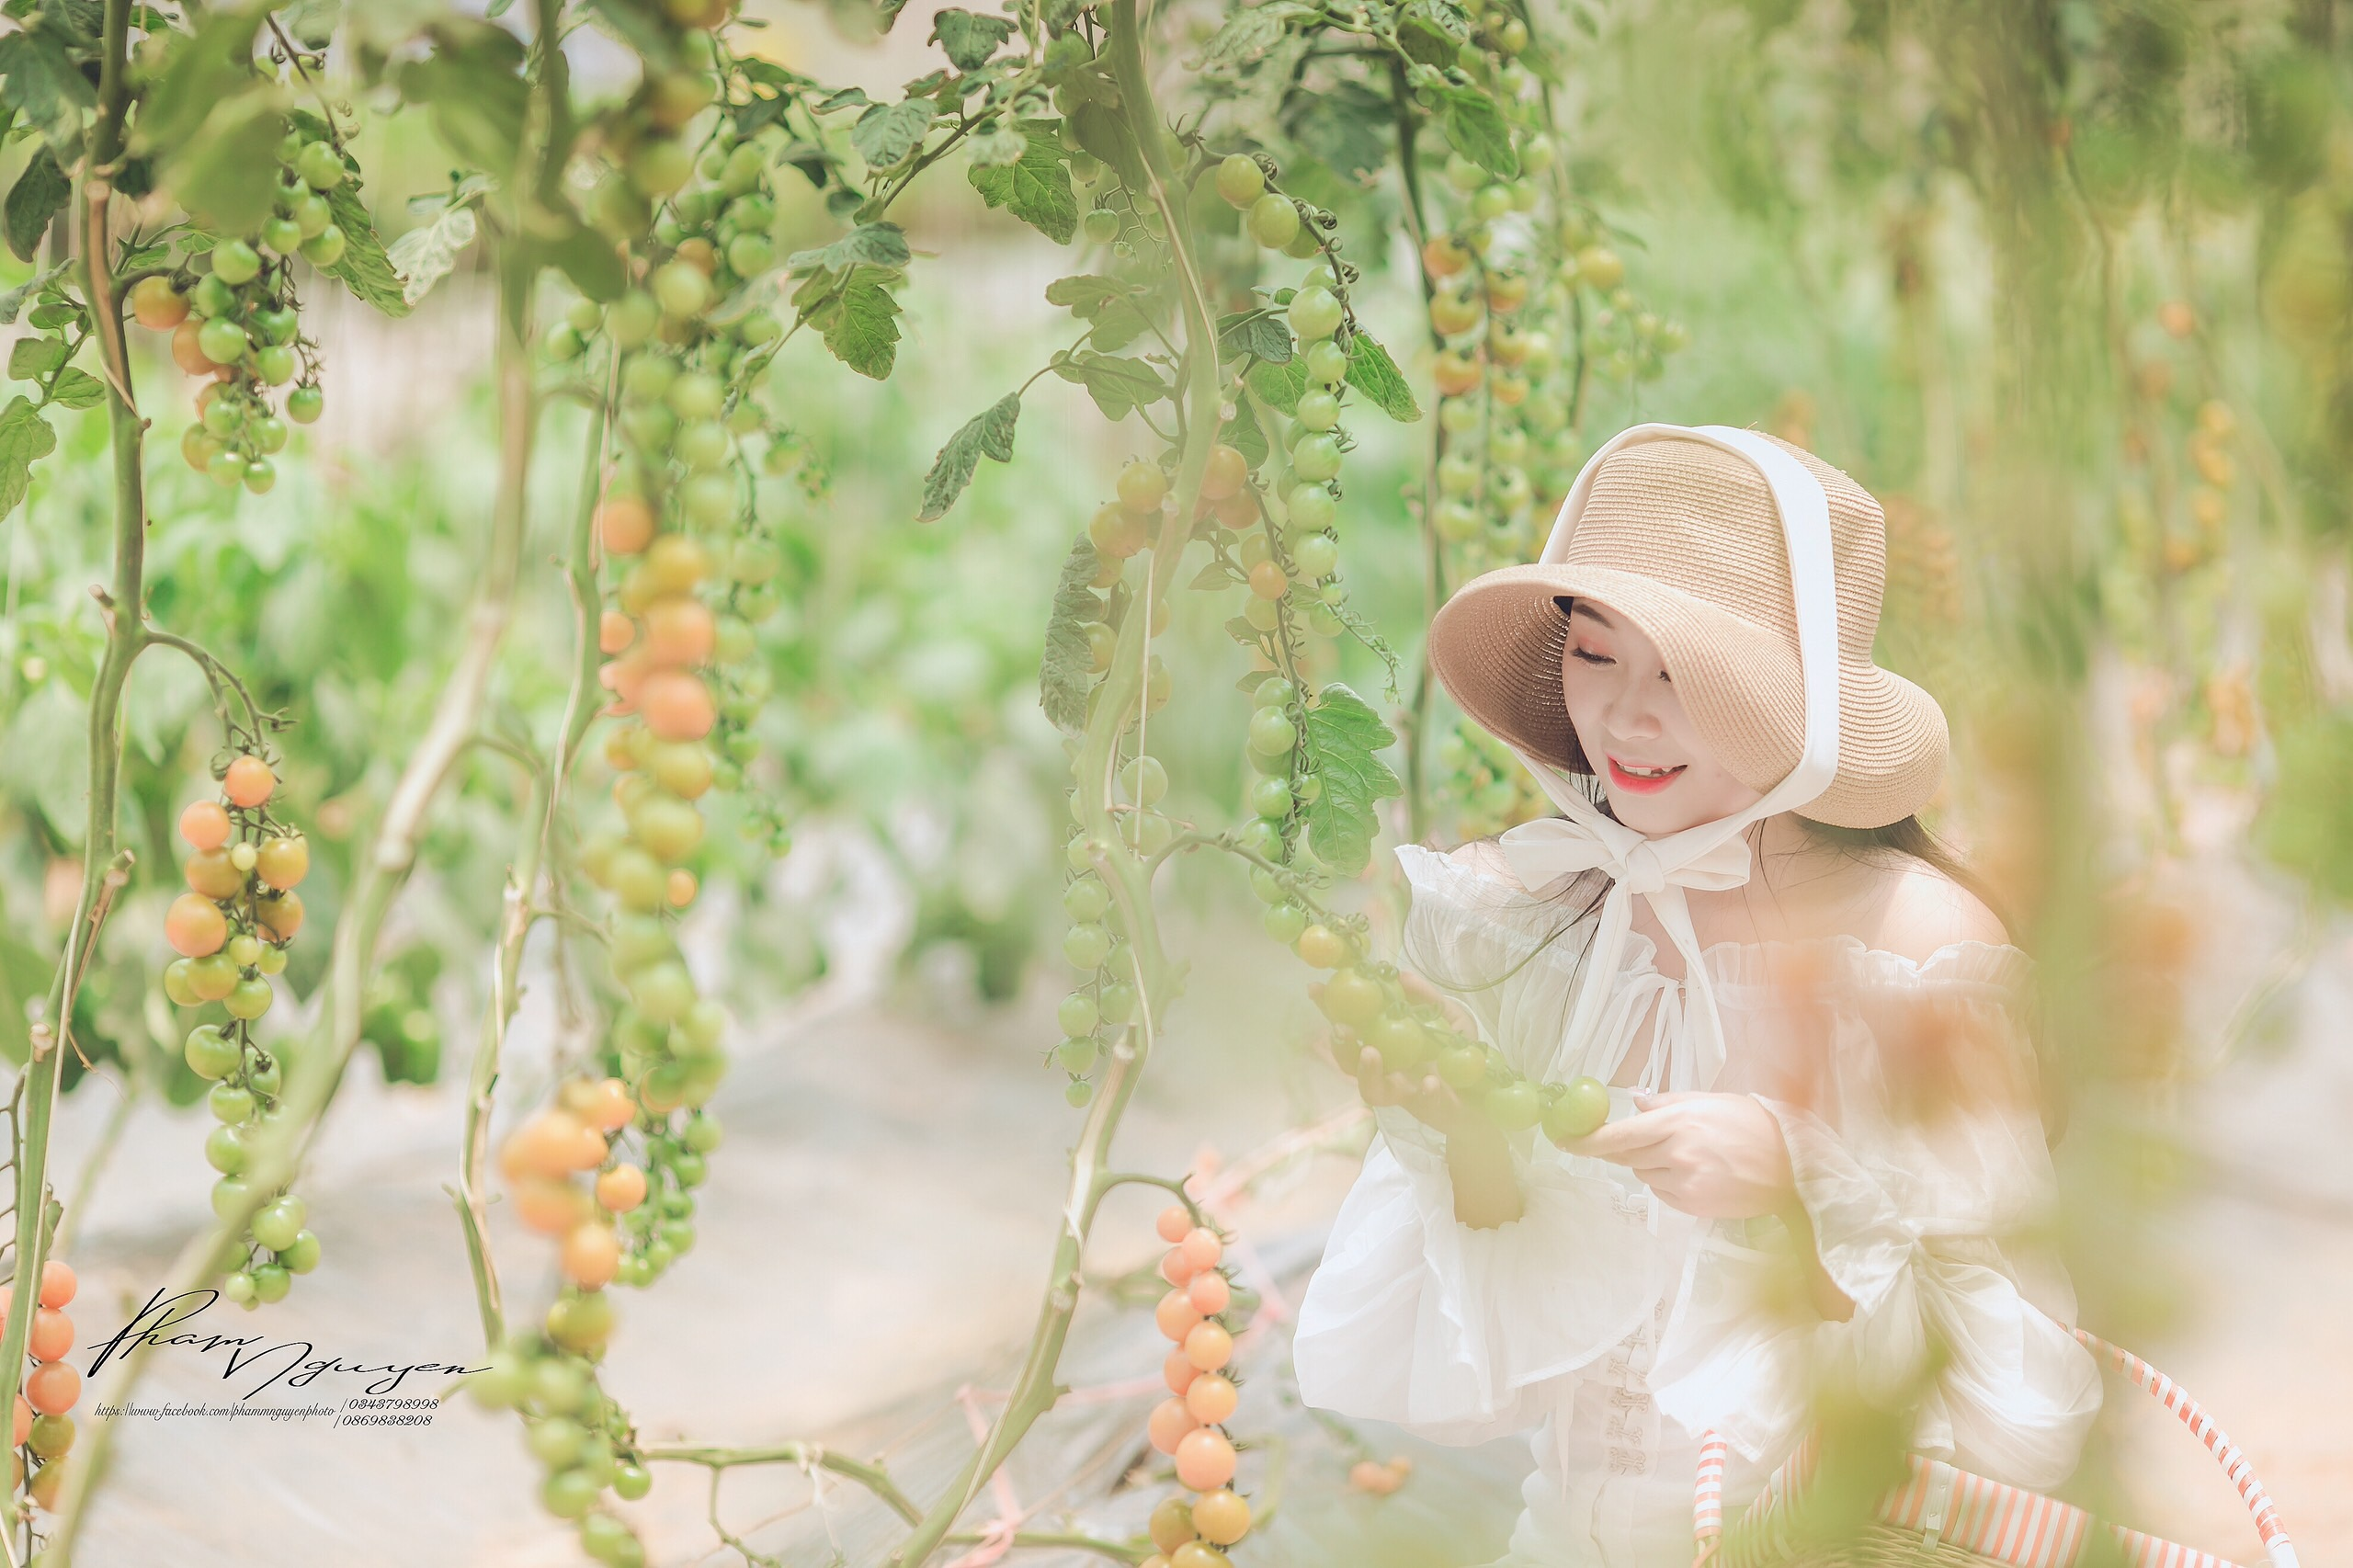 Mách nhỏ cách trồng cà chua cherry sai trĩu quả của Chimi Farm